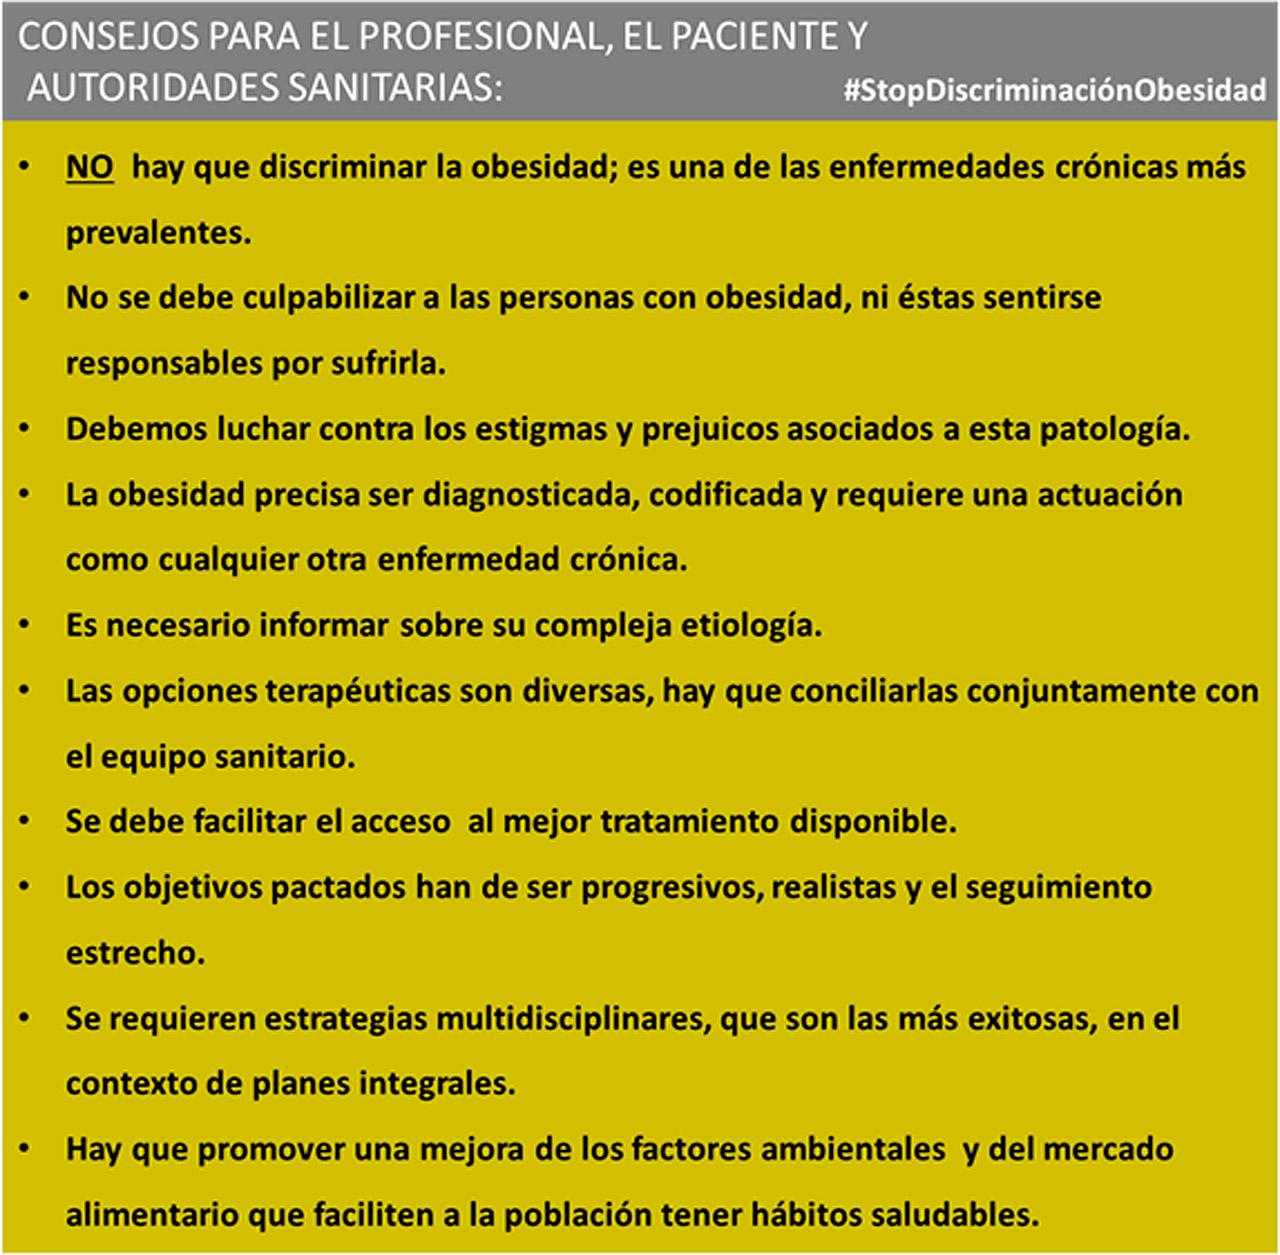 Recomendaciones de SEEN,Seedo y Semergen en torno al abordaje de la obesidad.